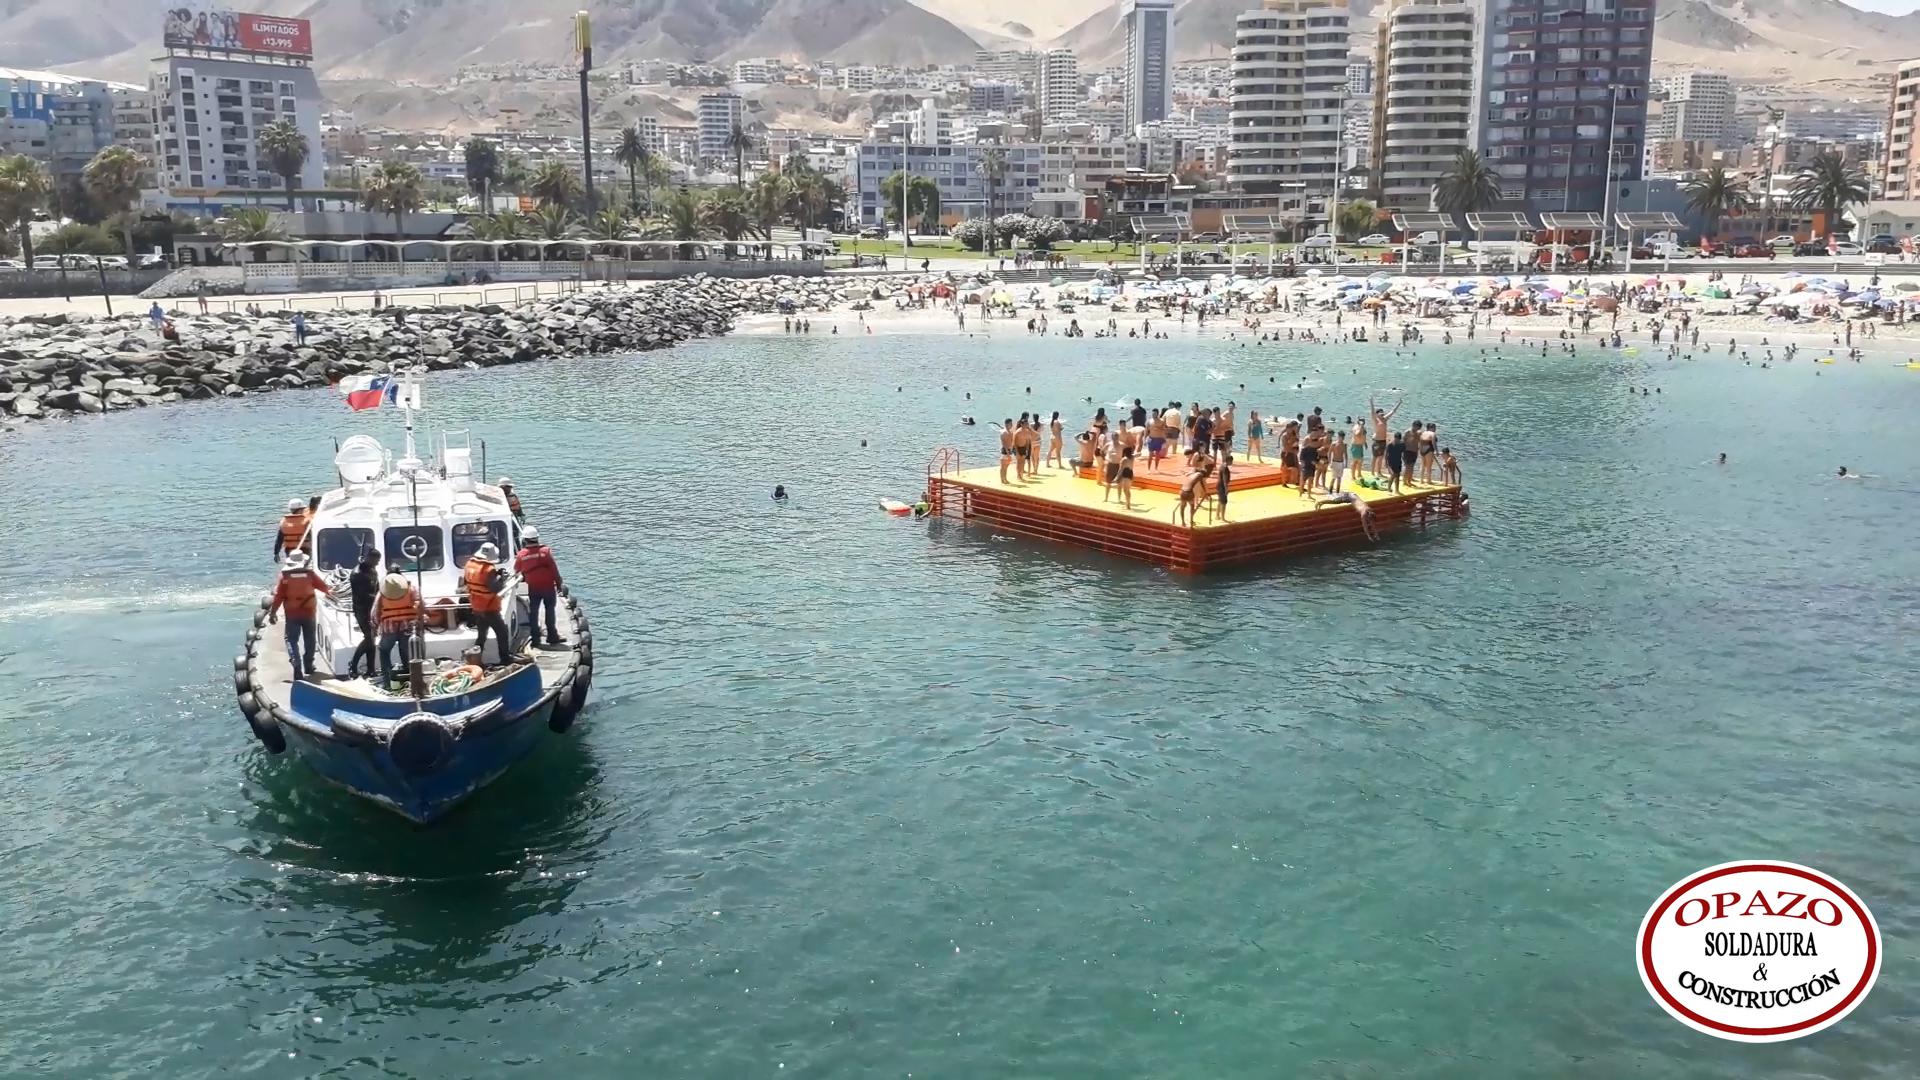 En enero instalarán nueva balsa en el Balneario Municipal de Antofagasta